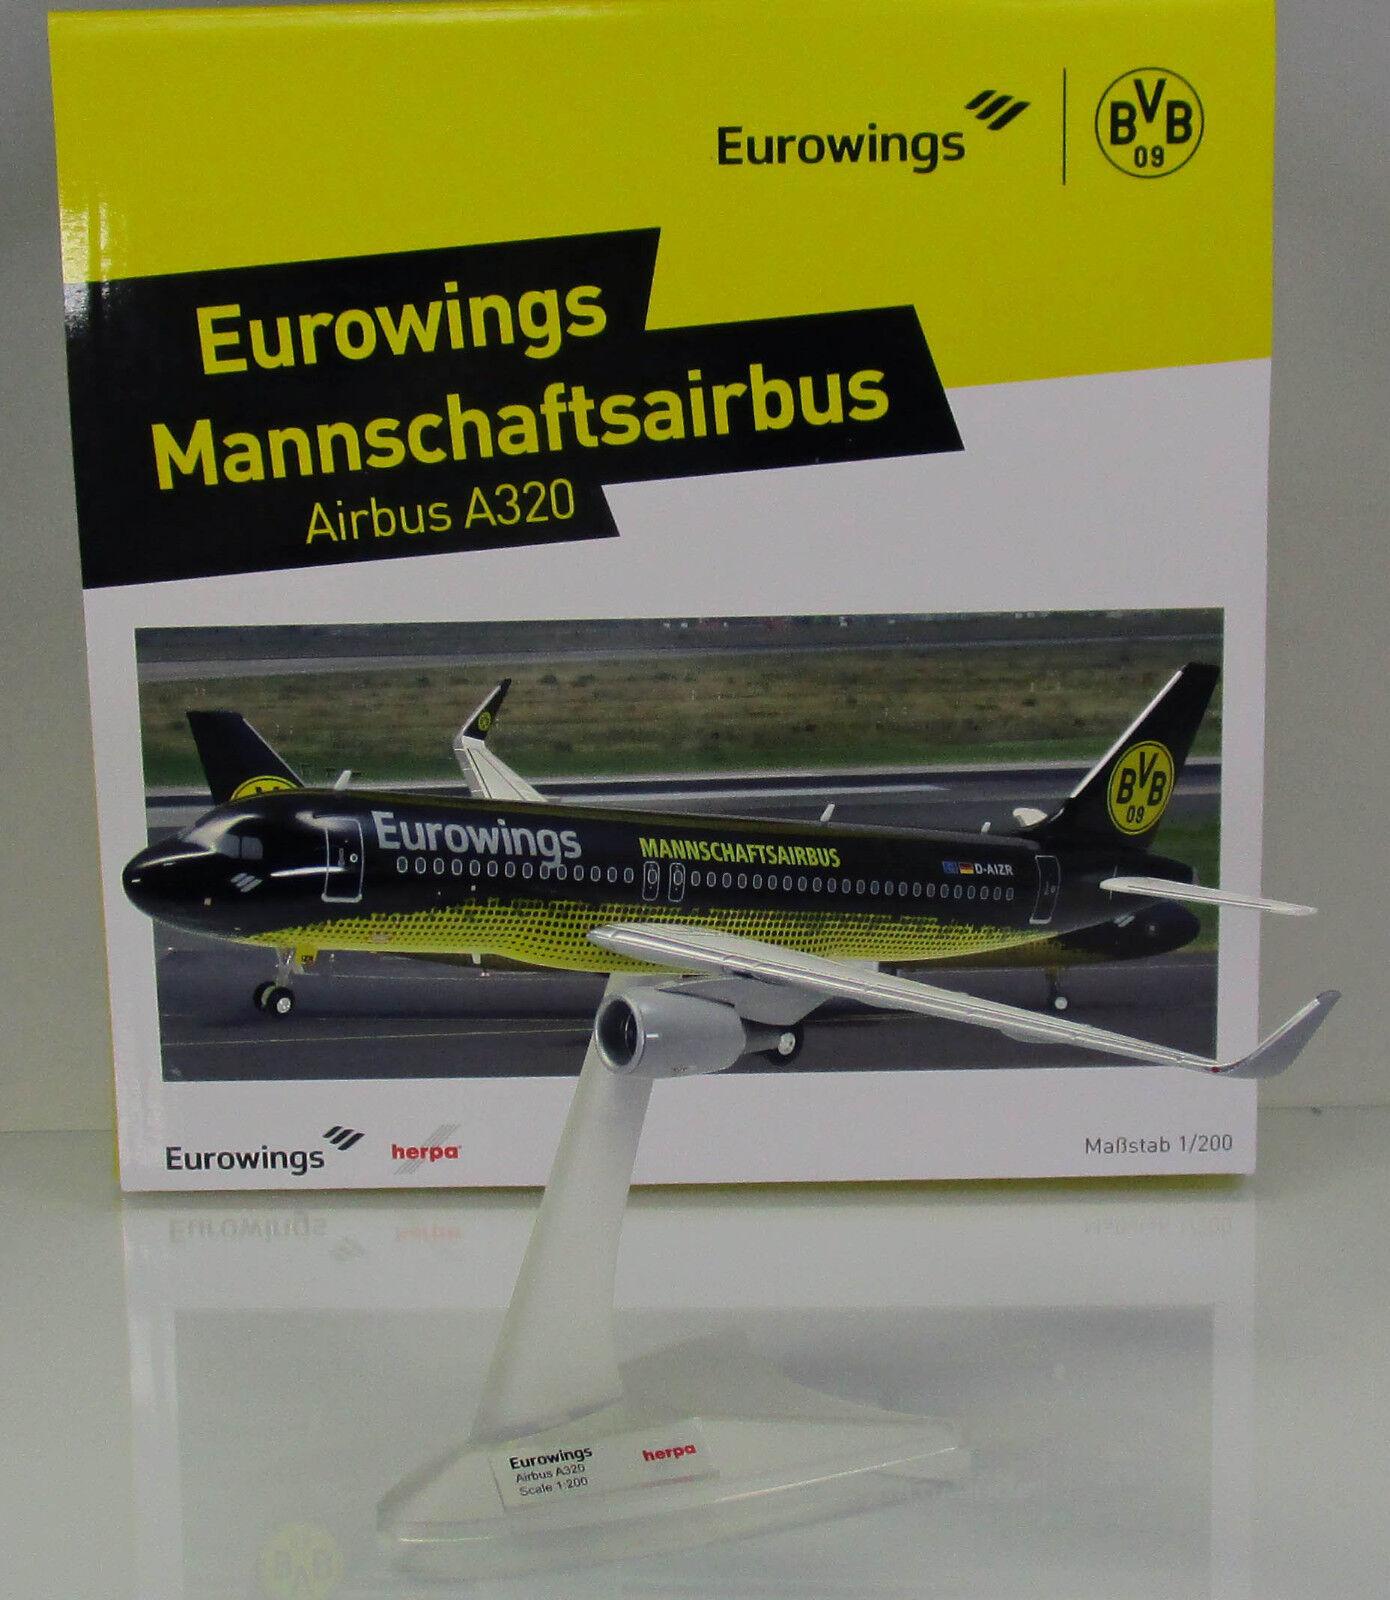 Herpa Wings 558167 Eurowings airbus a320 BVB Dortmund mannschaftsairbus nuevo